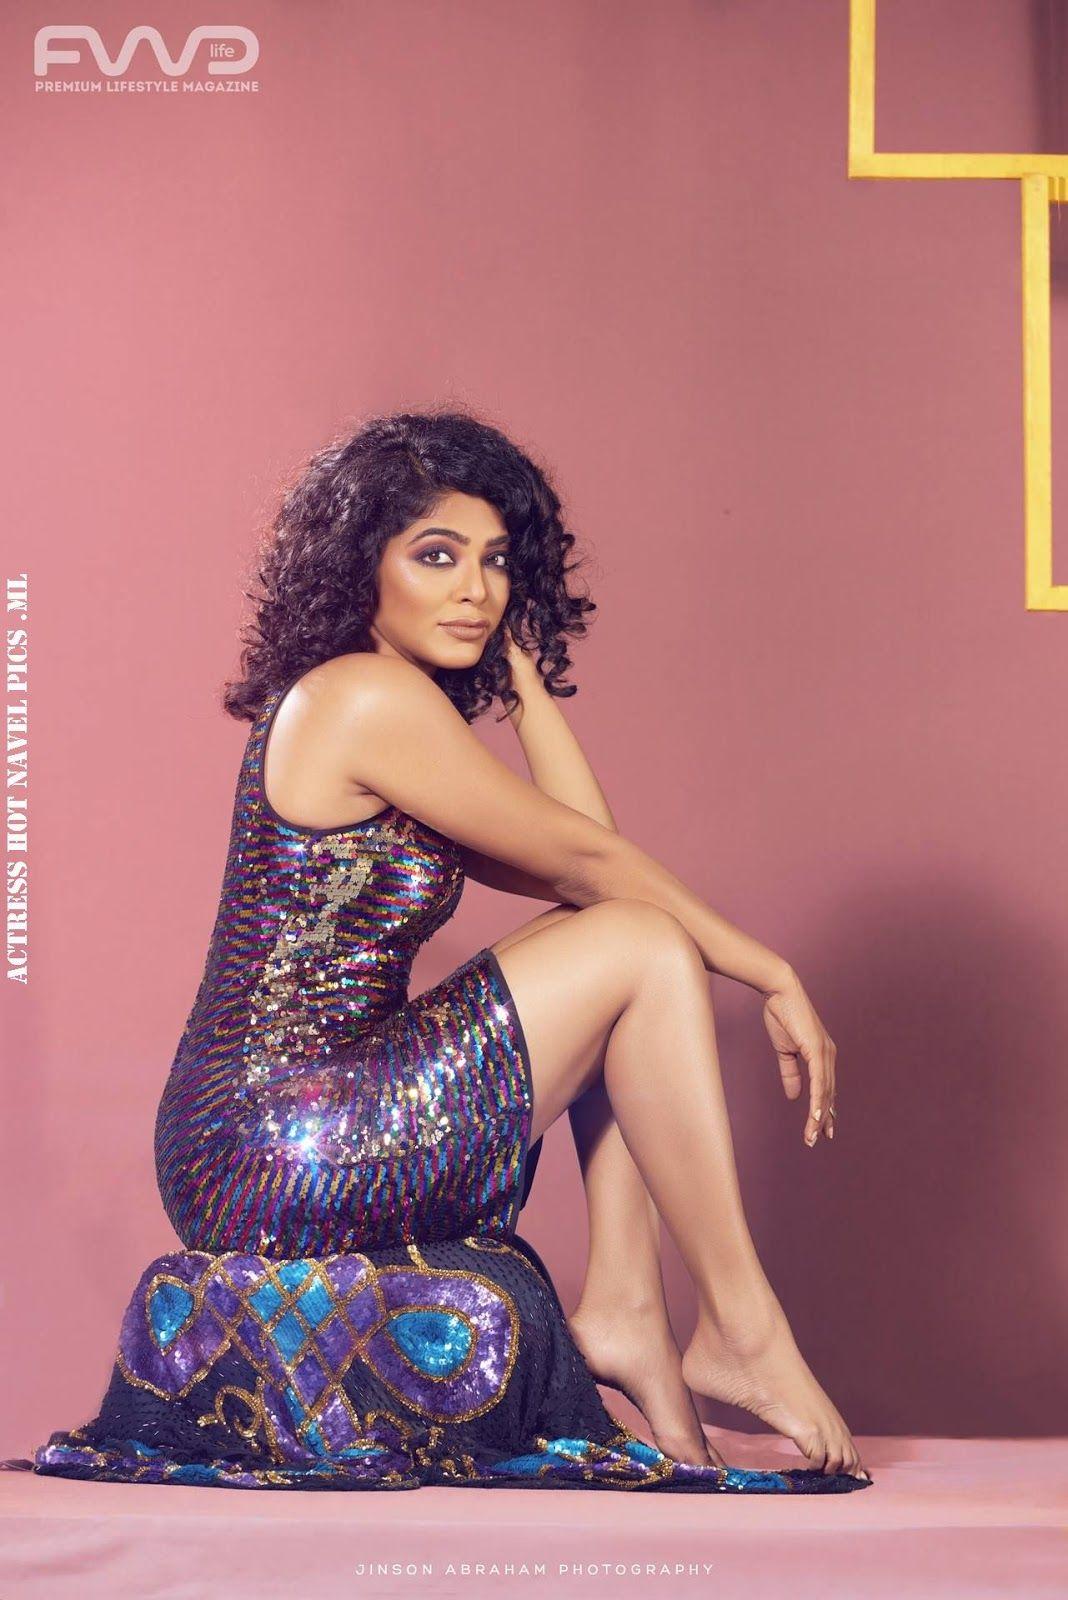 Actress Rima Kallingal Hot Photos Hd Rima Kallingal Hot Navel Rima Kallingal Hot Thighs Rima Kallingal Hot Cleavage Rima Kallingal Hot Armpits